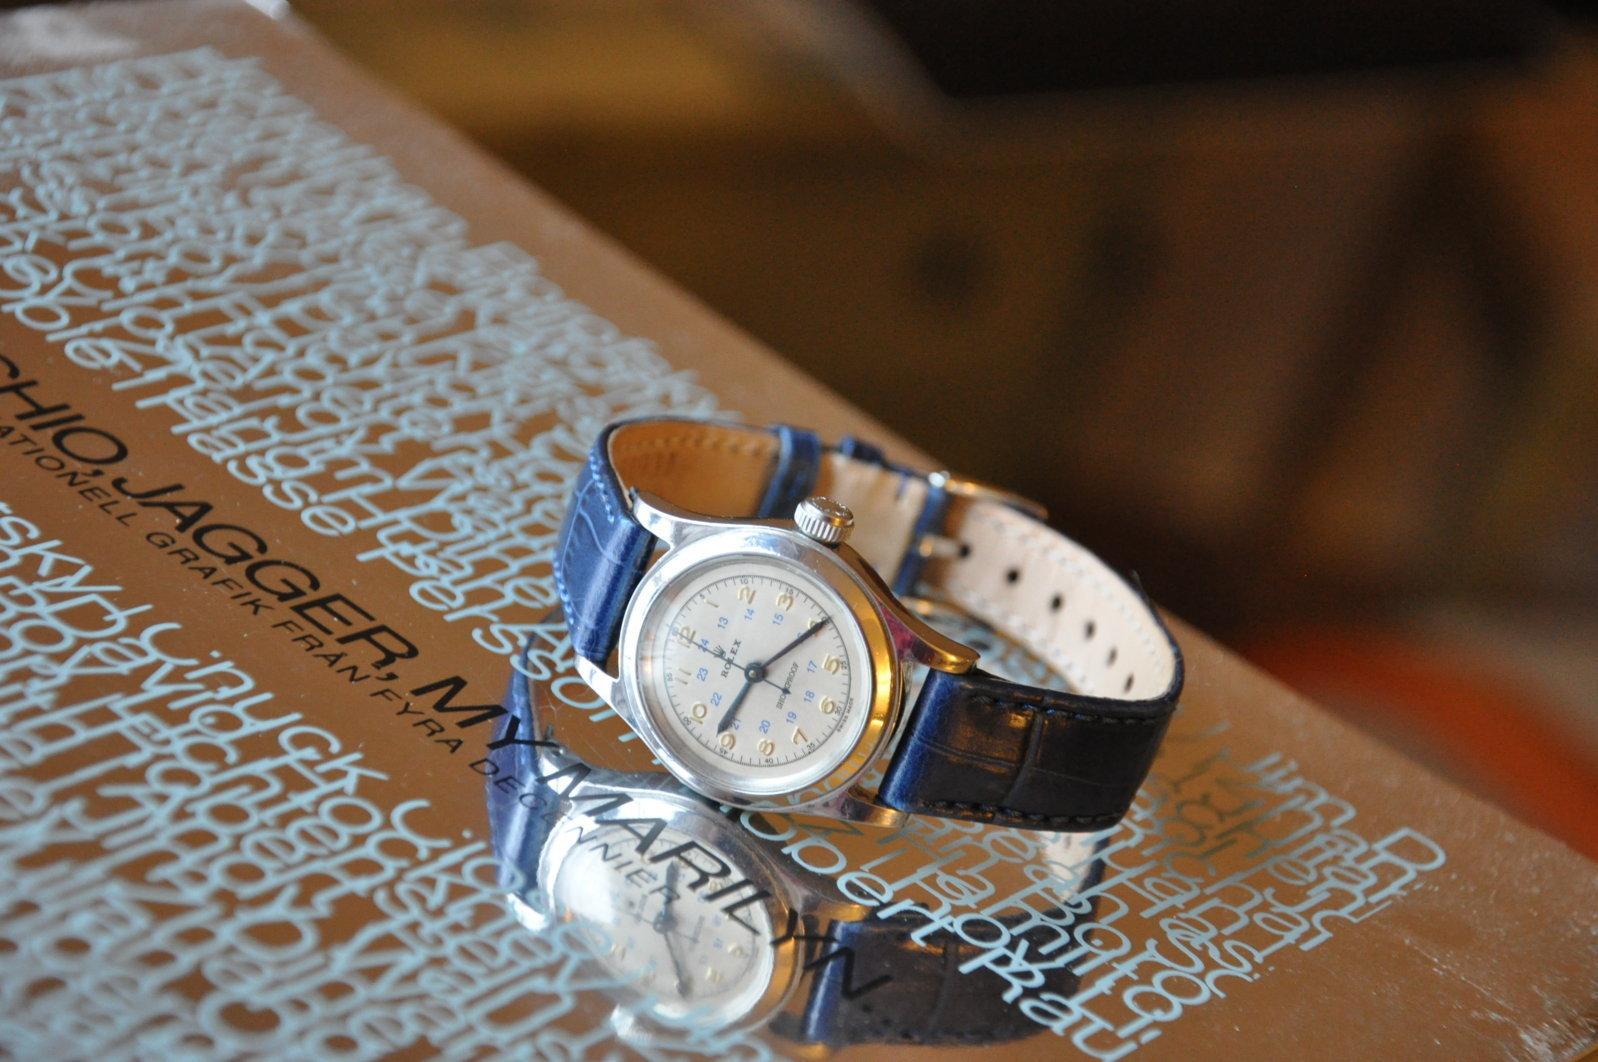 Rolex cal 59 1940 blå rem 012.JPG